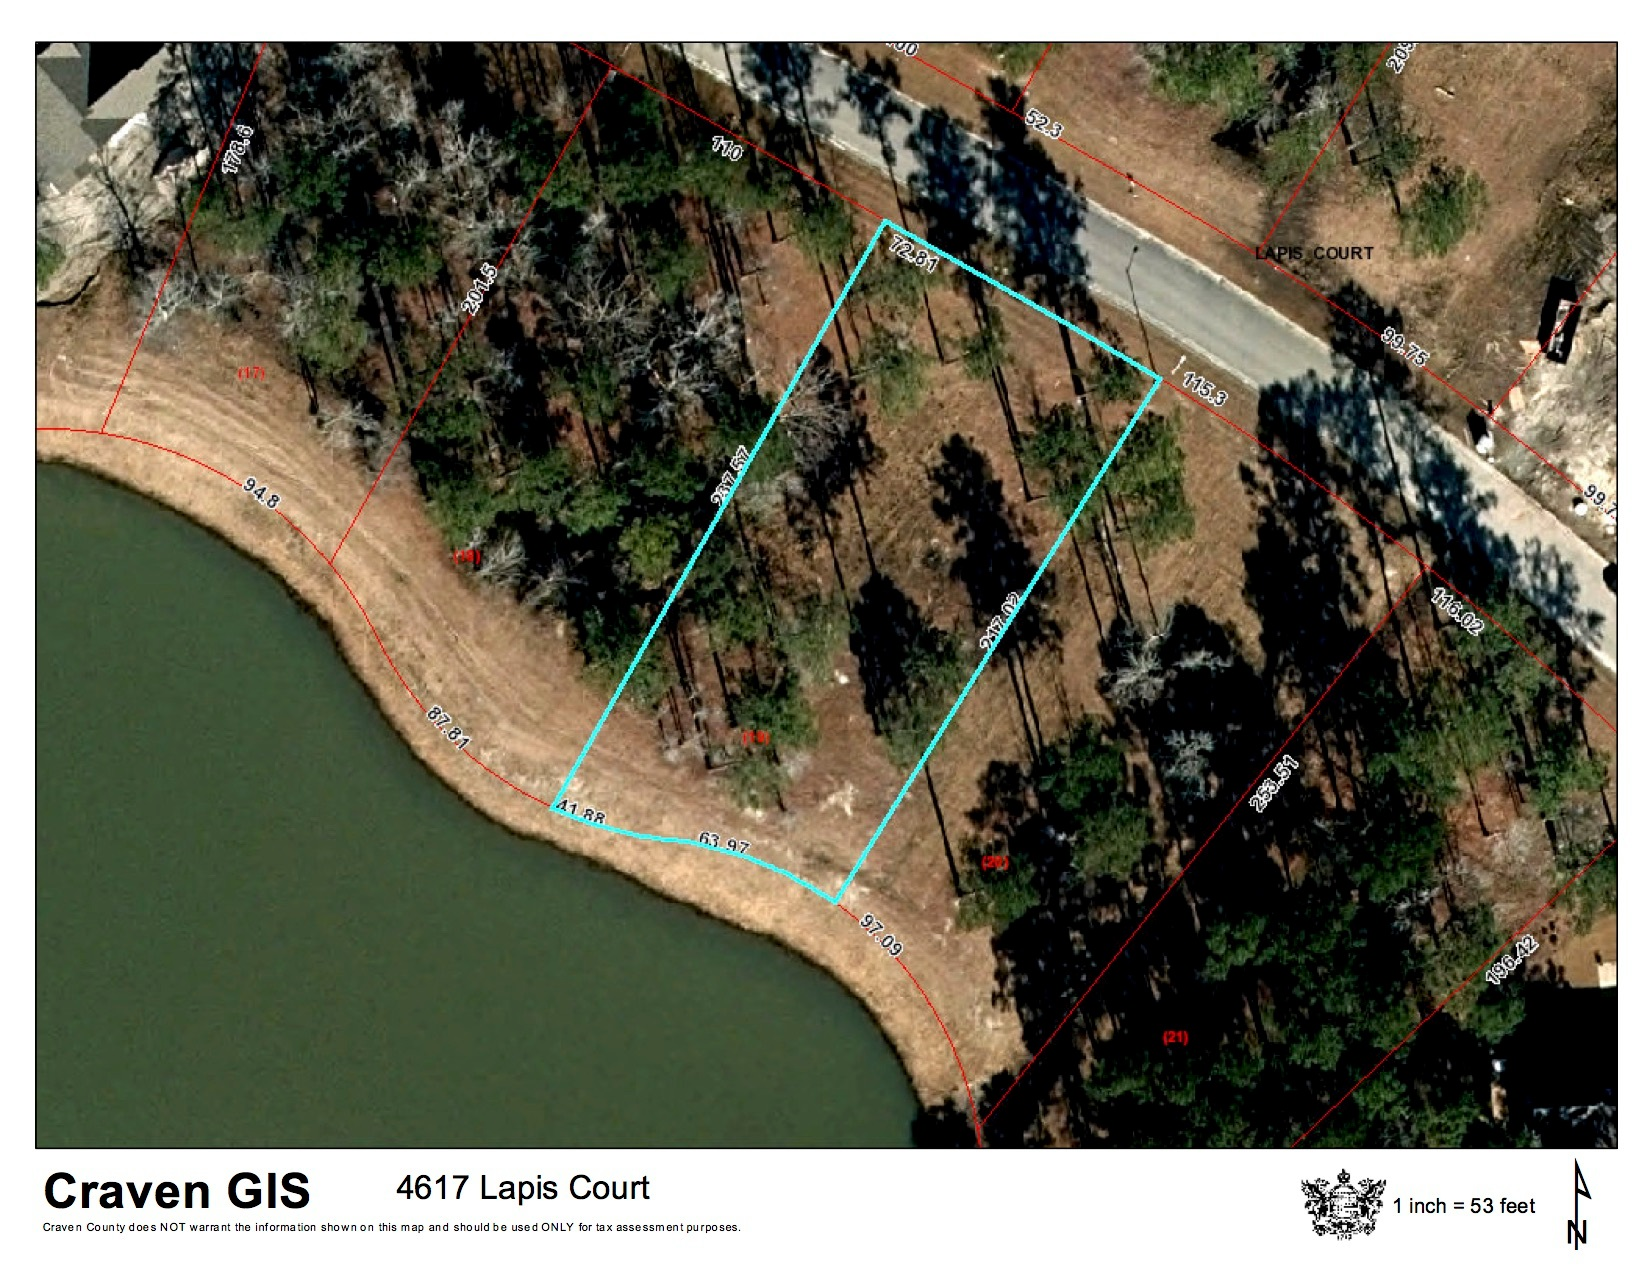 02. 4617 Lapis Court - GIS Photo